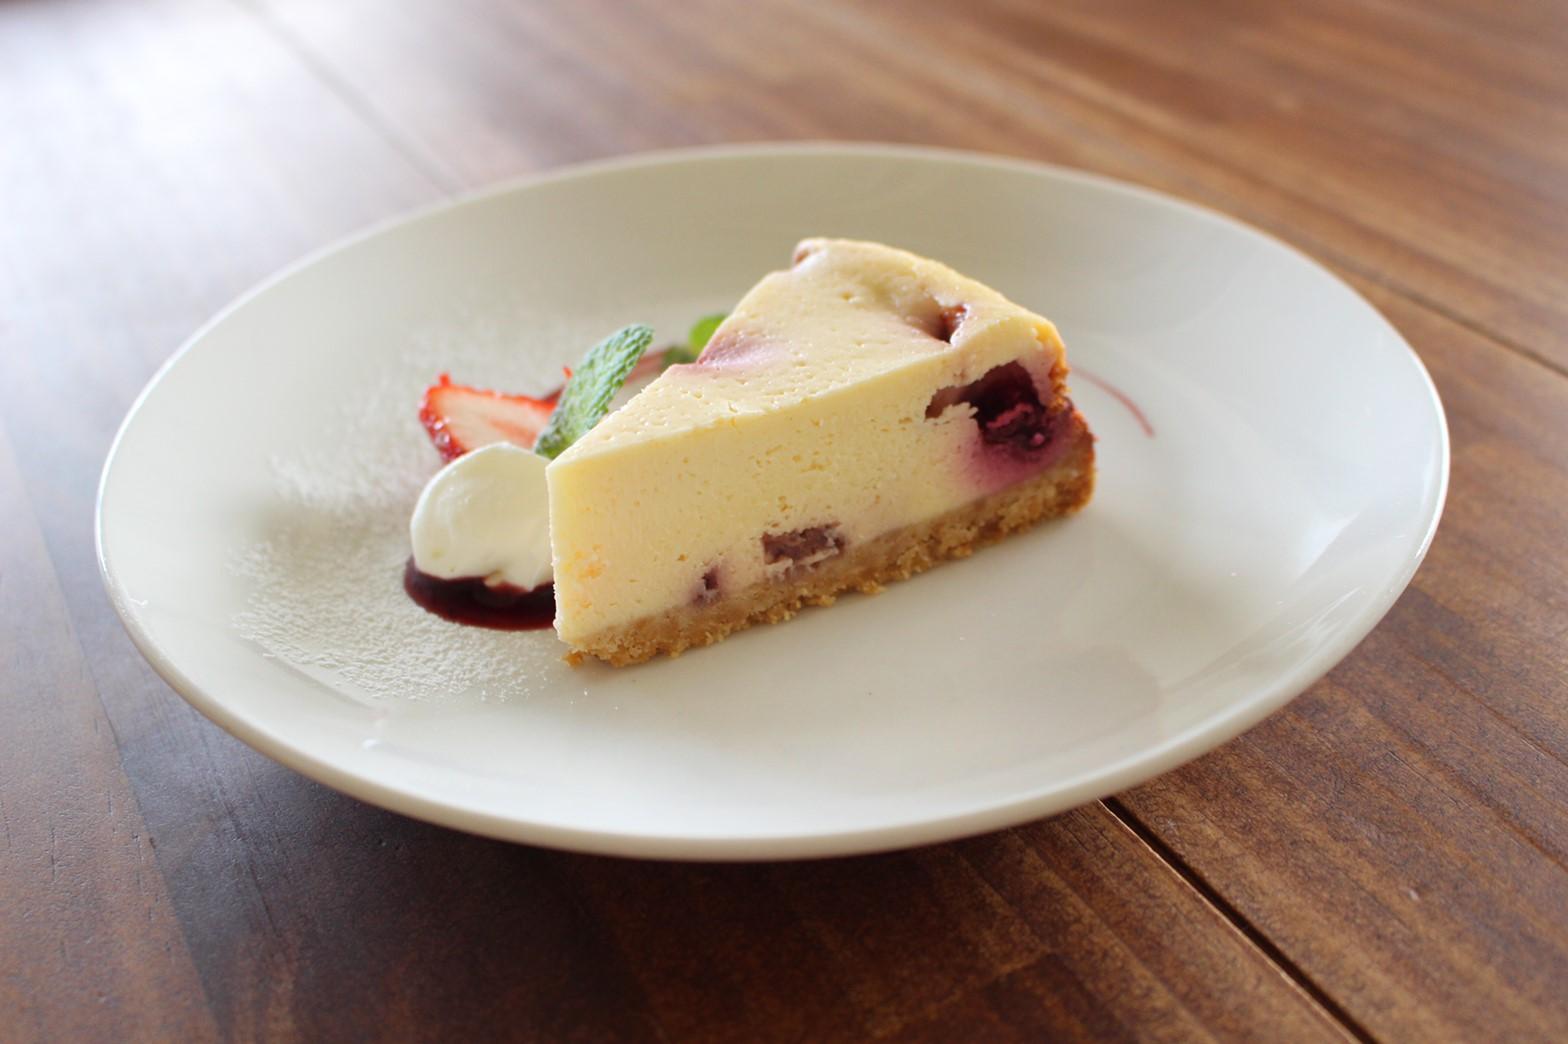 ホワイトチョコとベリーのベイクドチーズケーキ